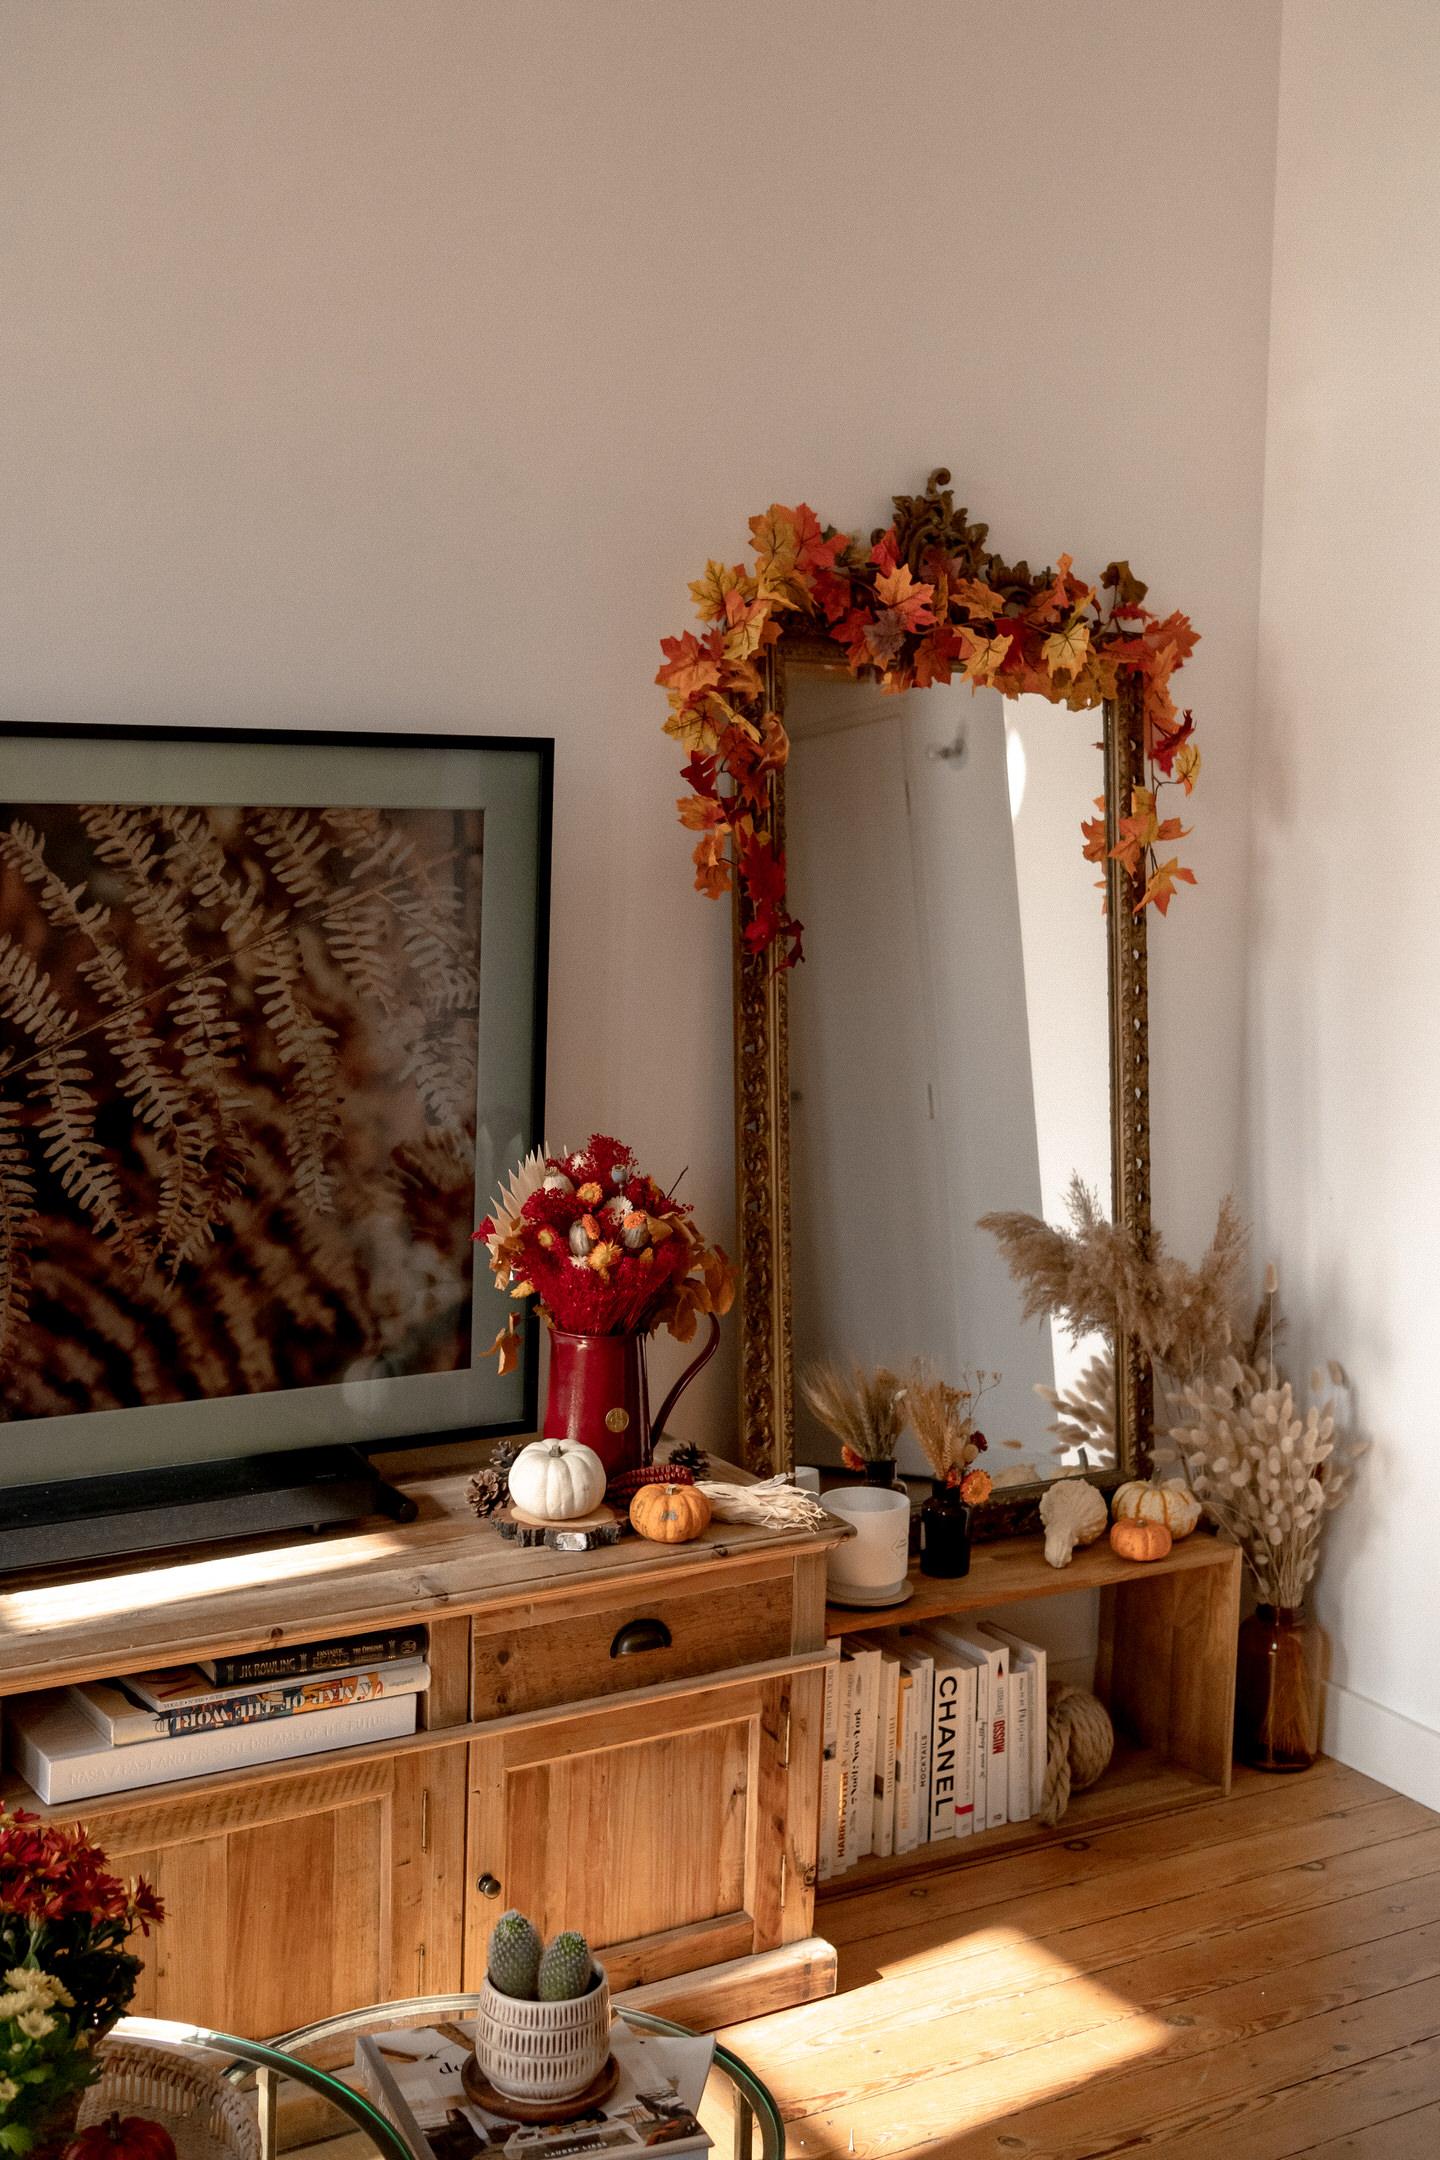 comment-decorer-interieur-automne-11-1